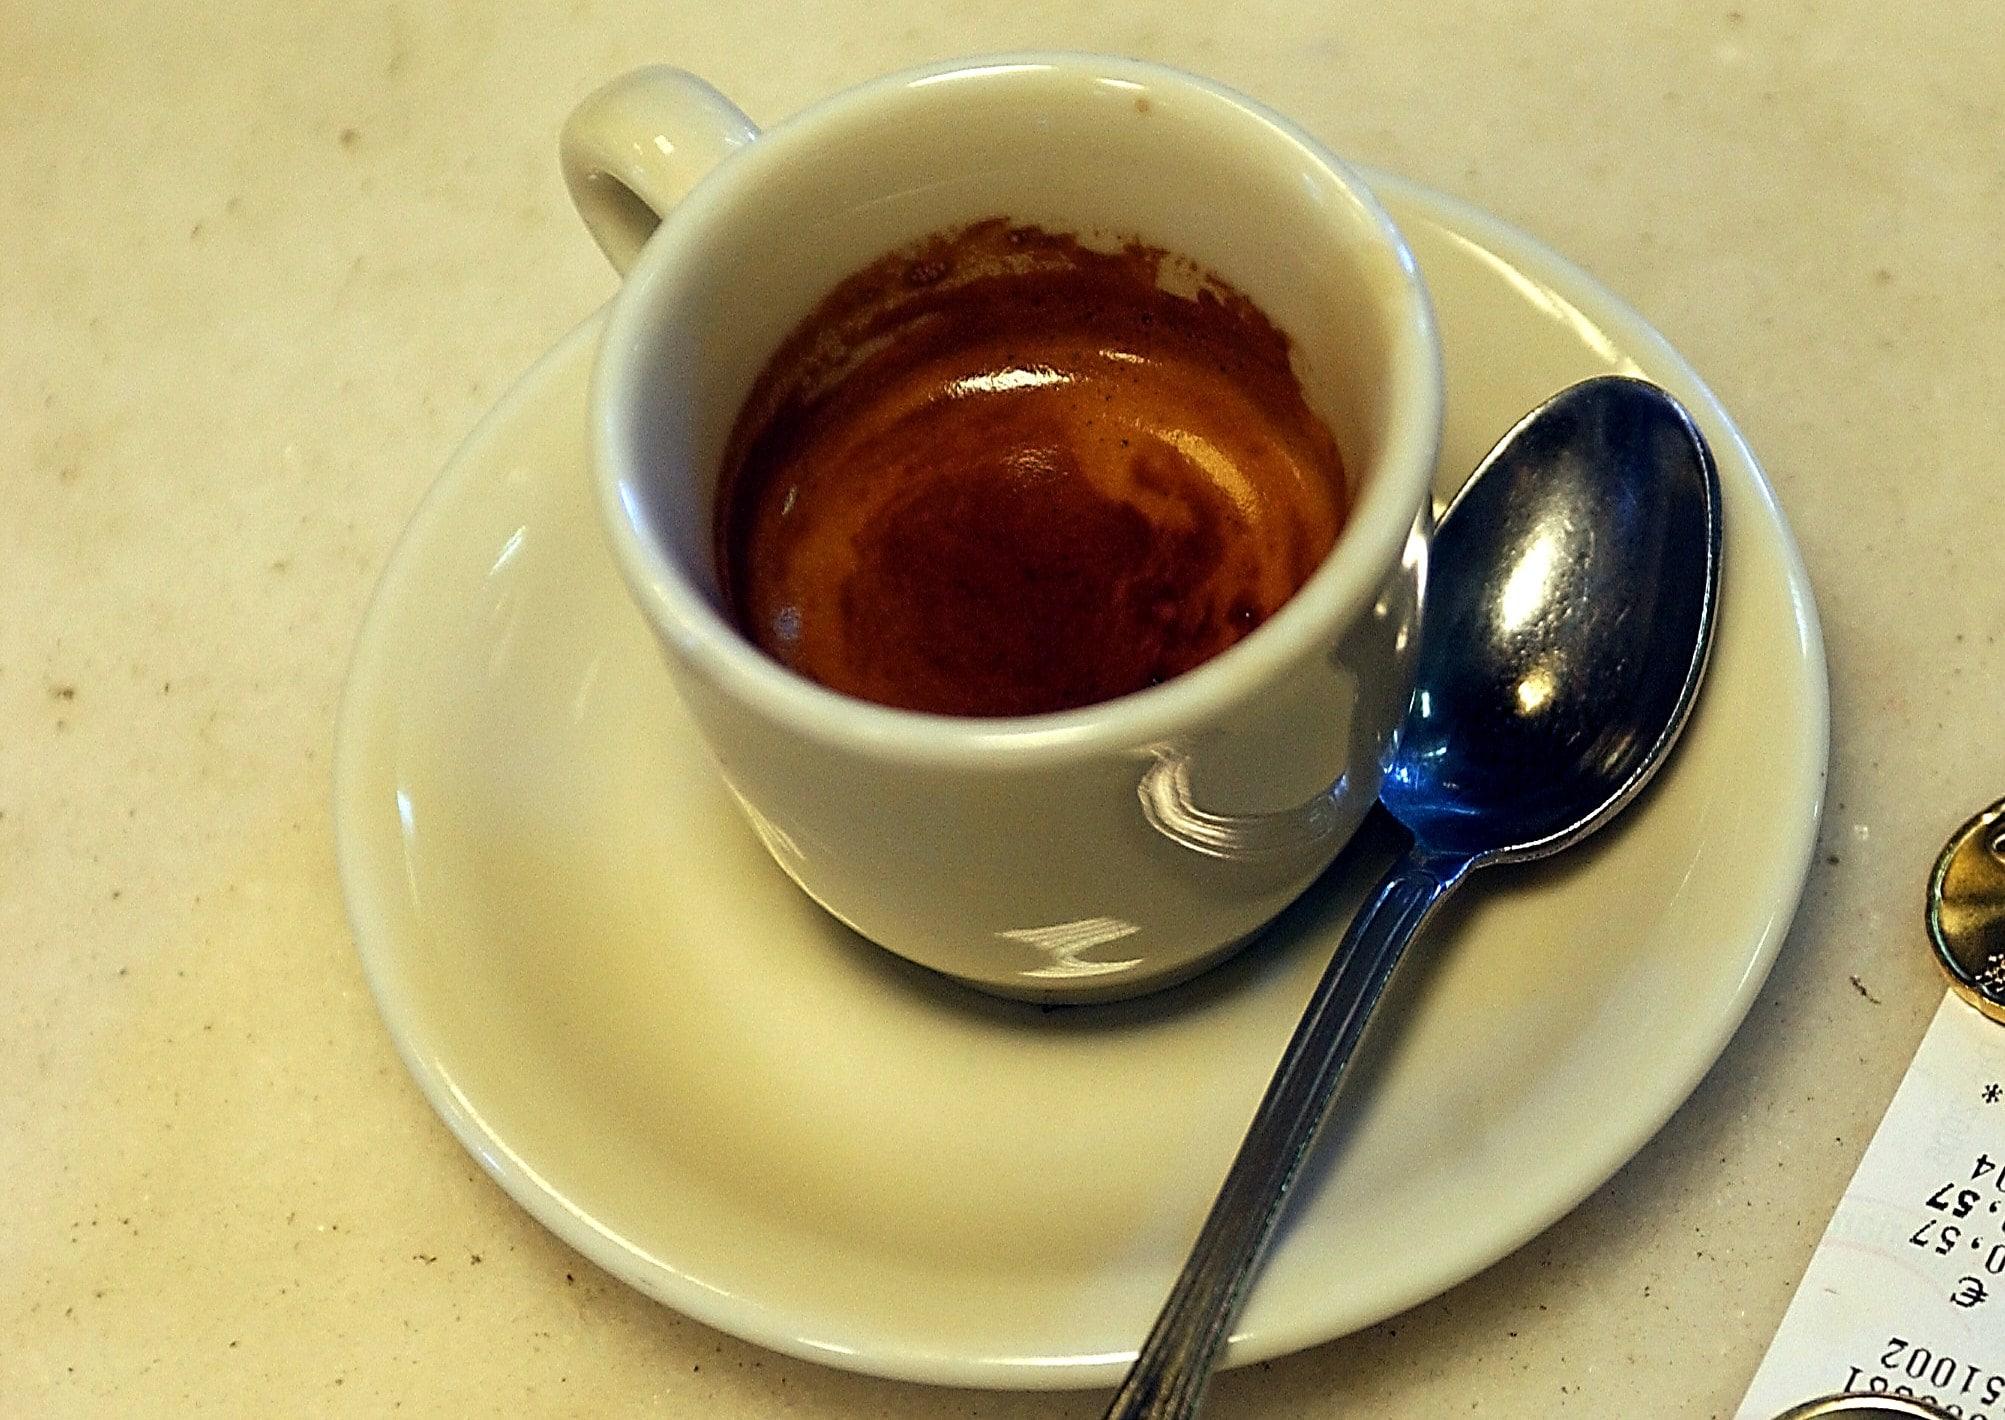 puoi bere caffè con latte a dieta